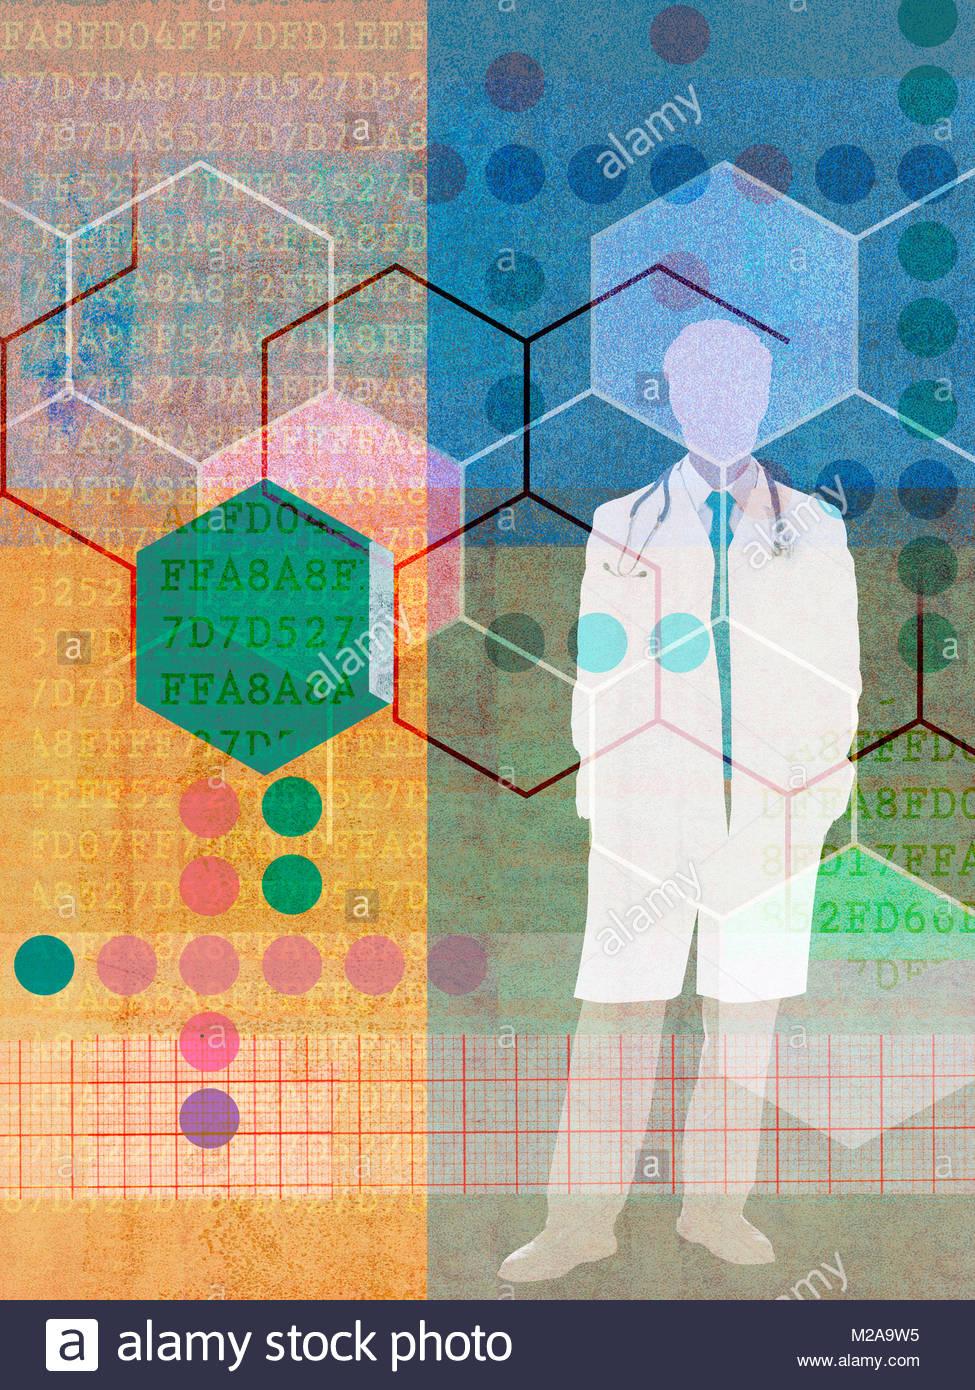 Médecin et les modèles connectés et numéros de code dans la recherche médicale collage Photo Stock